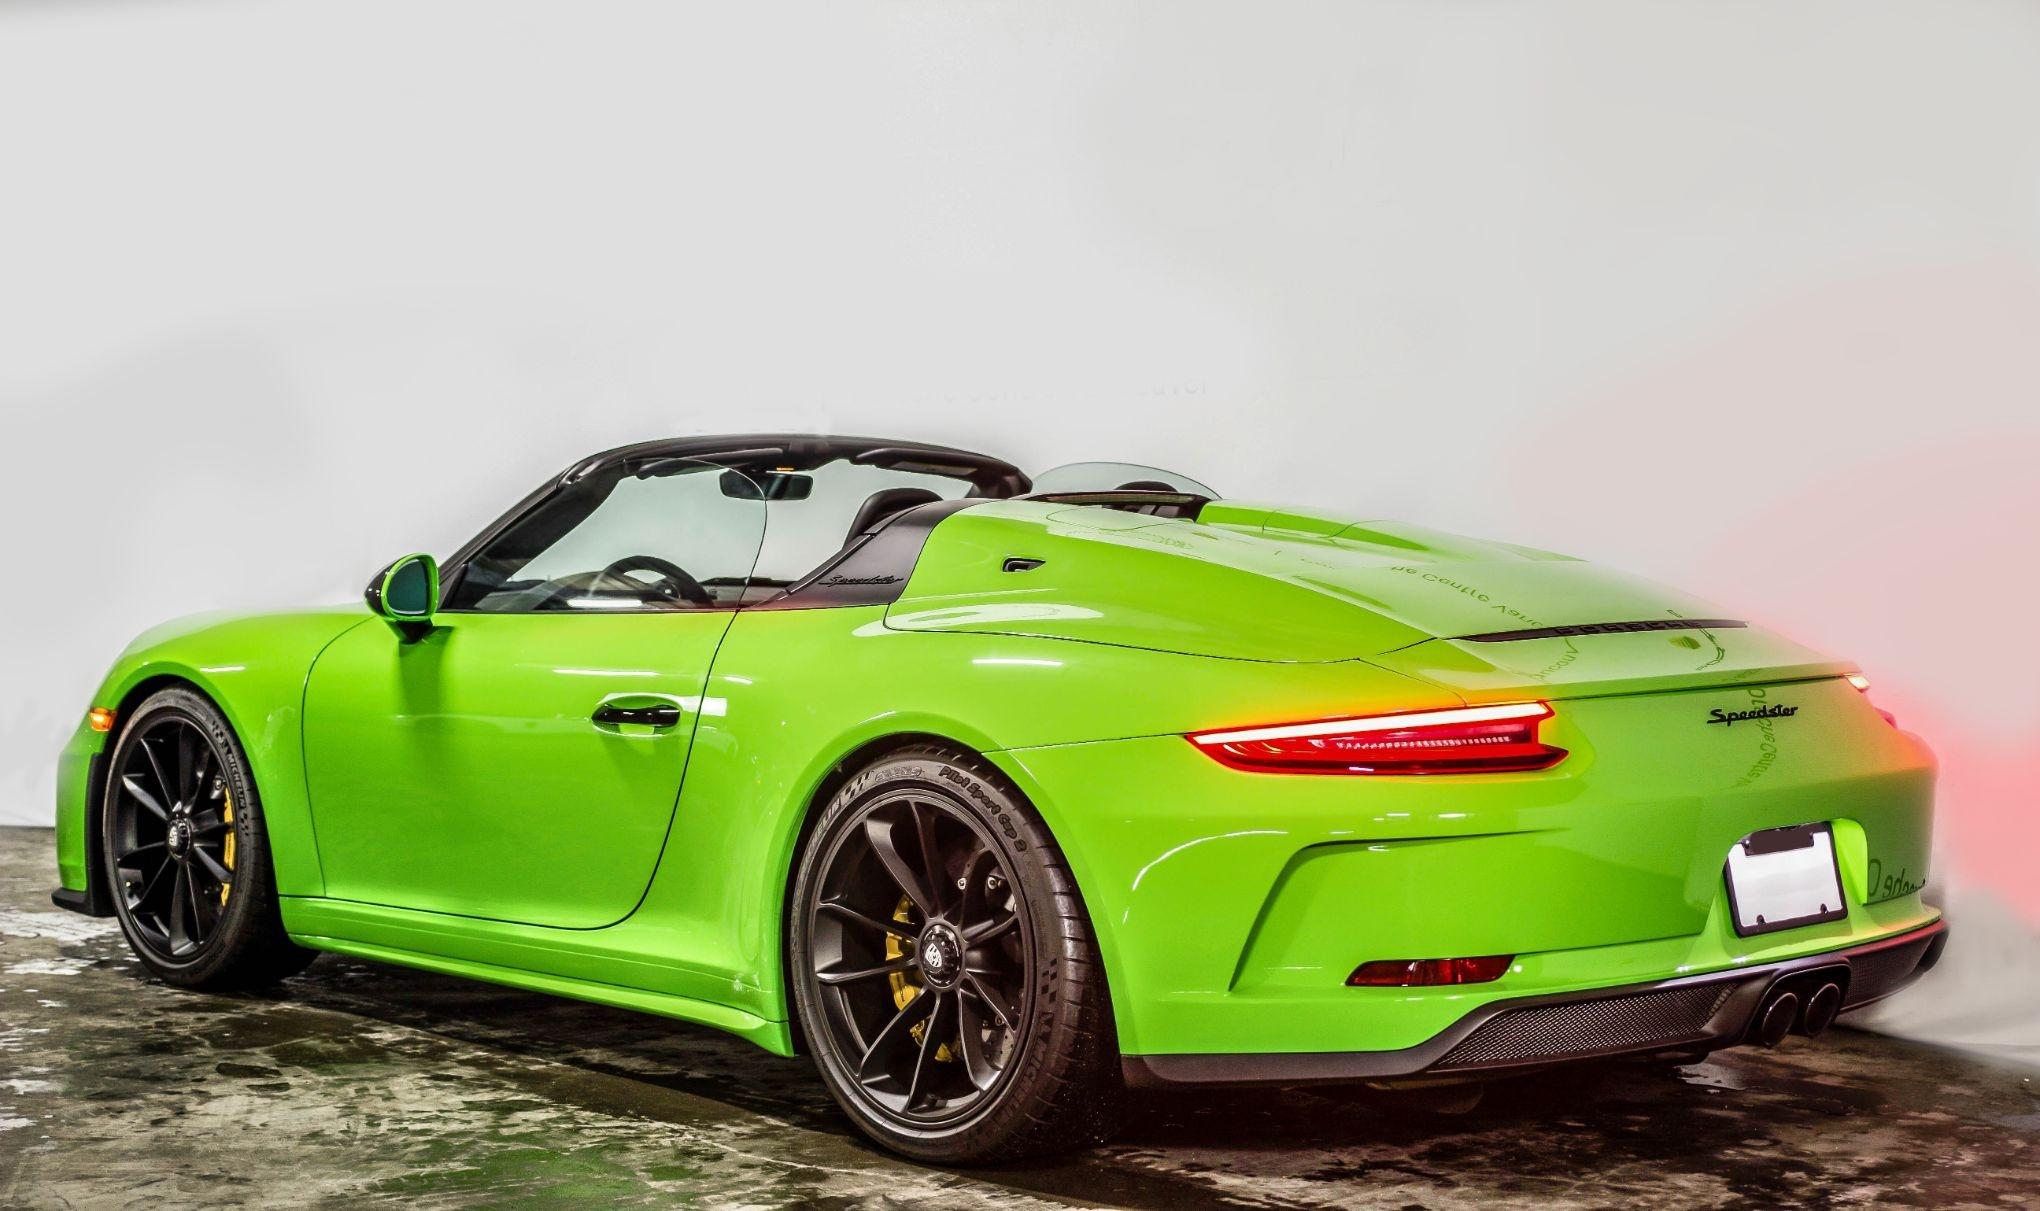 2019 Porsche 991.2 Speedster Lizard Green   PCARMARKET